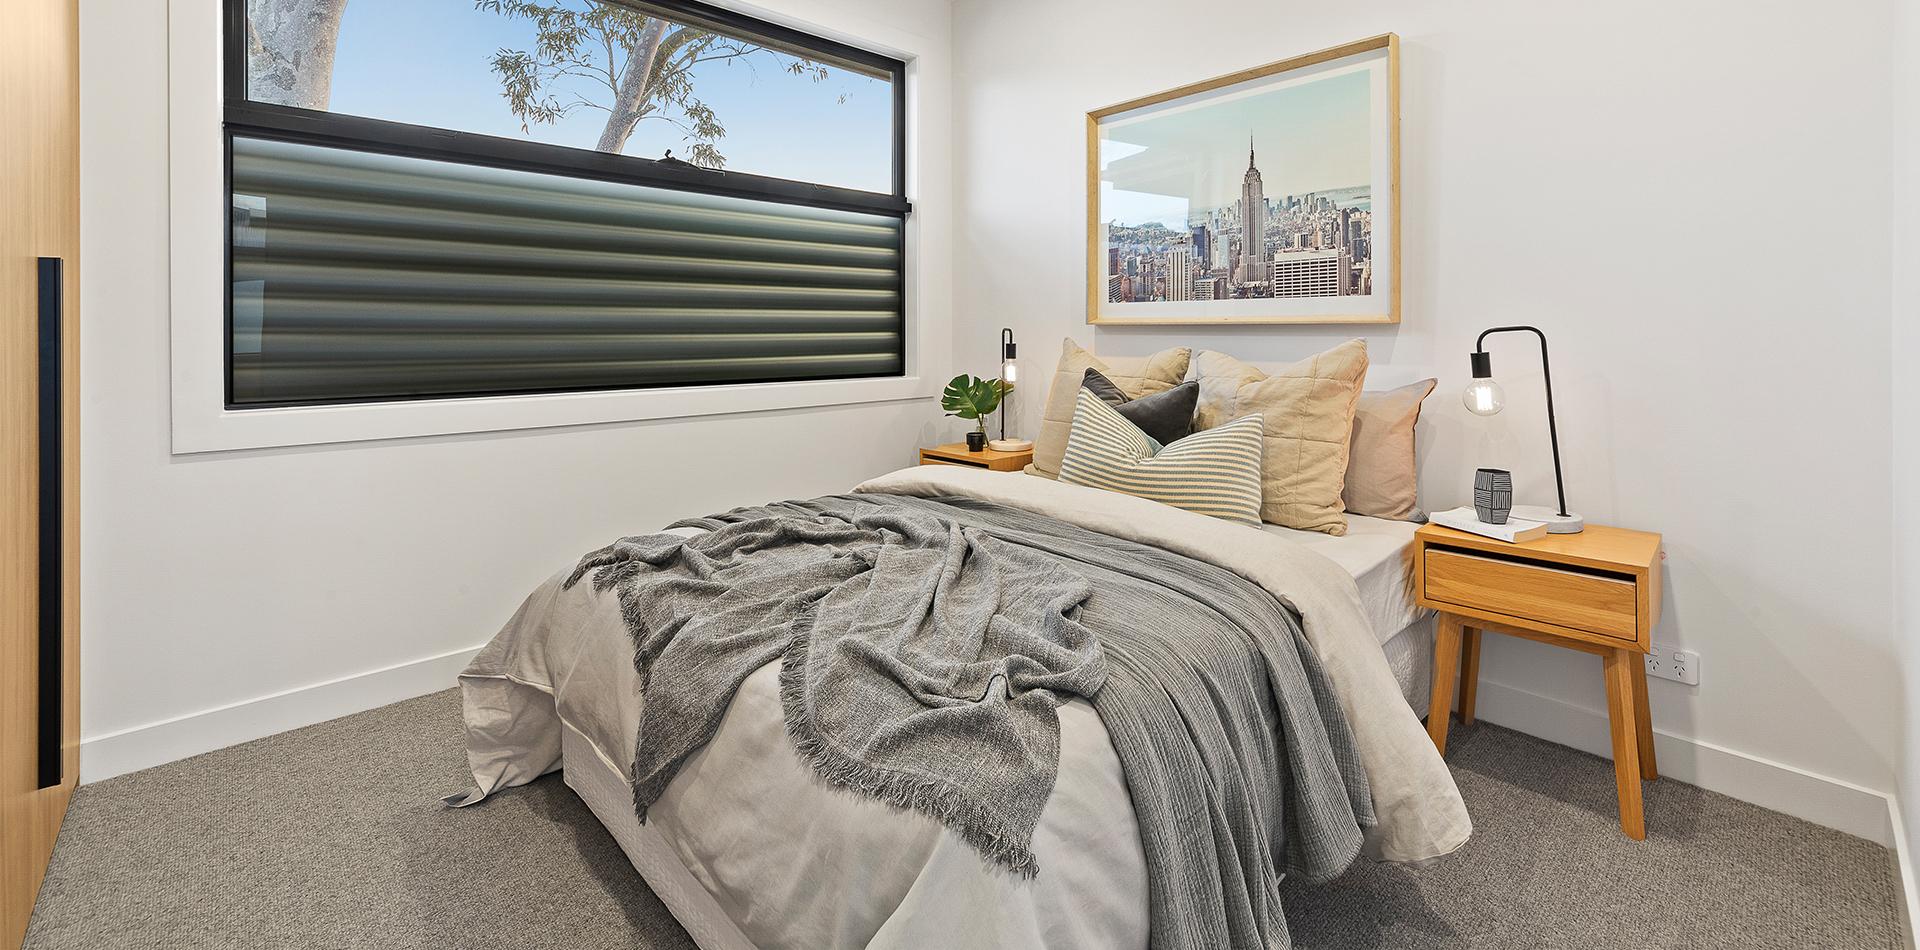 harry st - bedroom